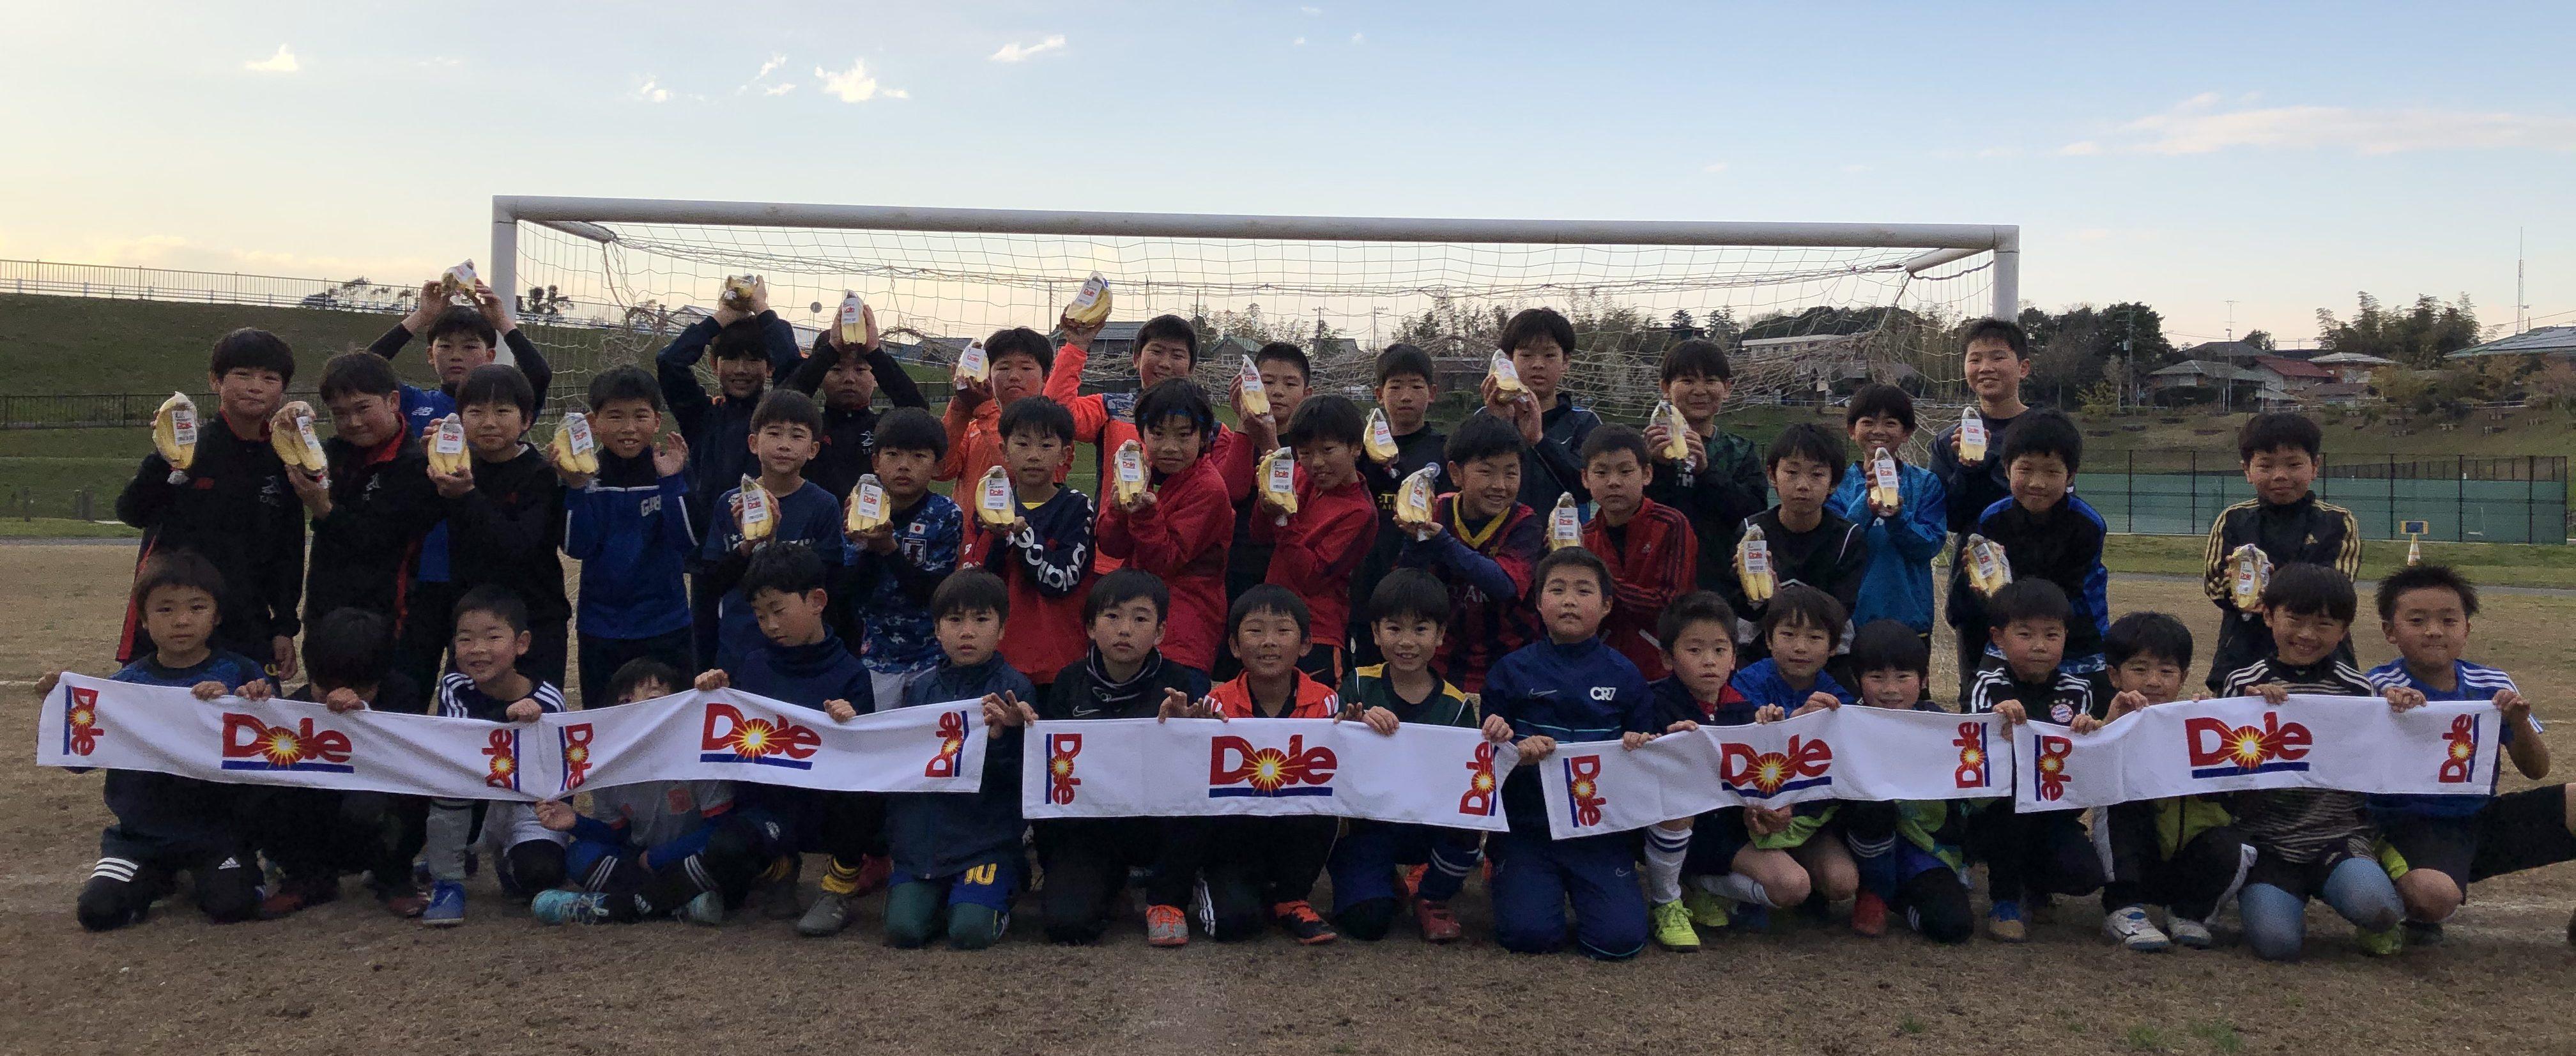 ジュニアサッカー、クラブチーム